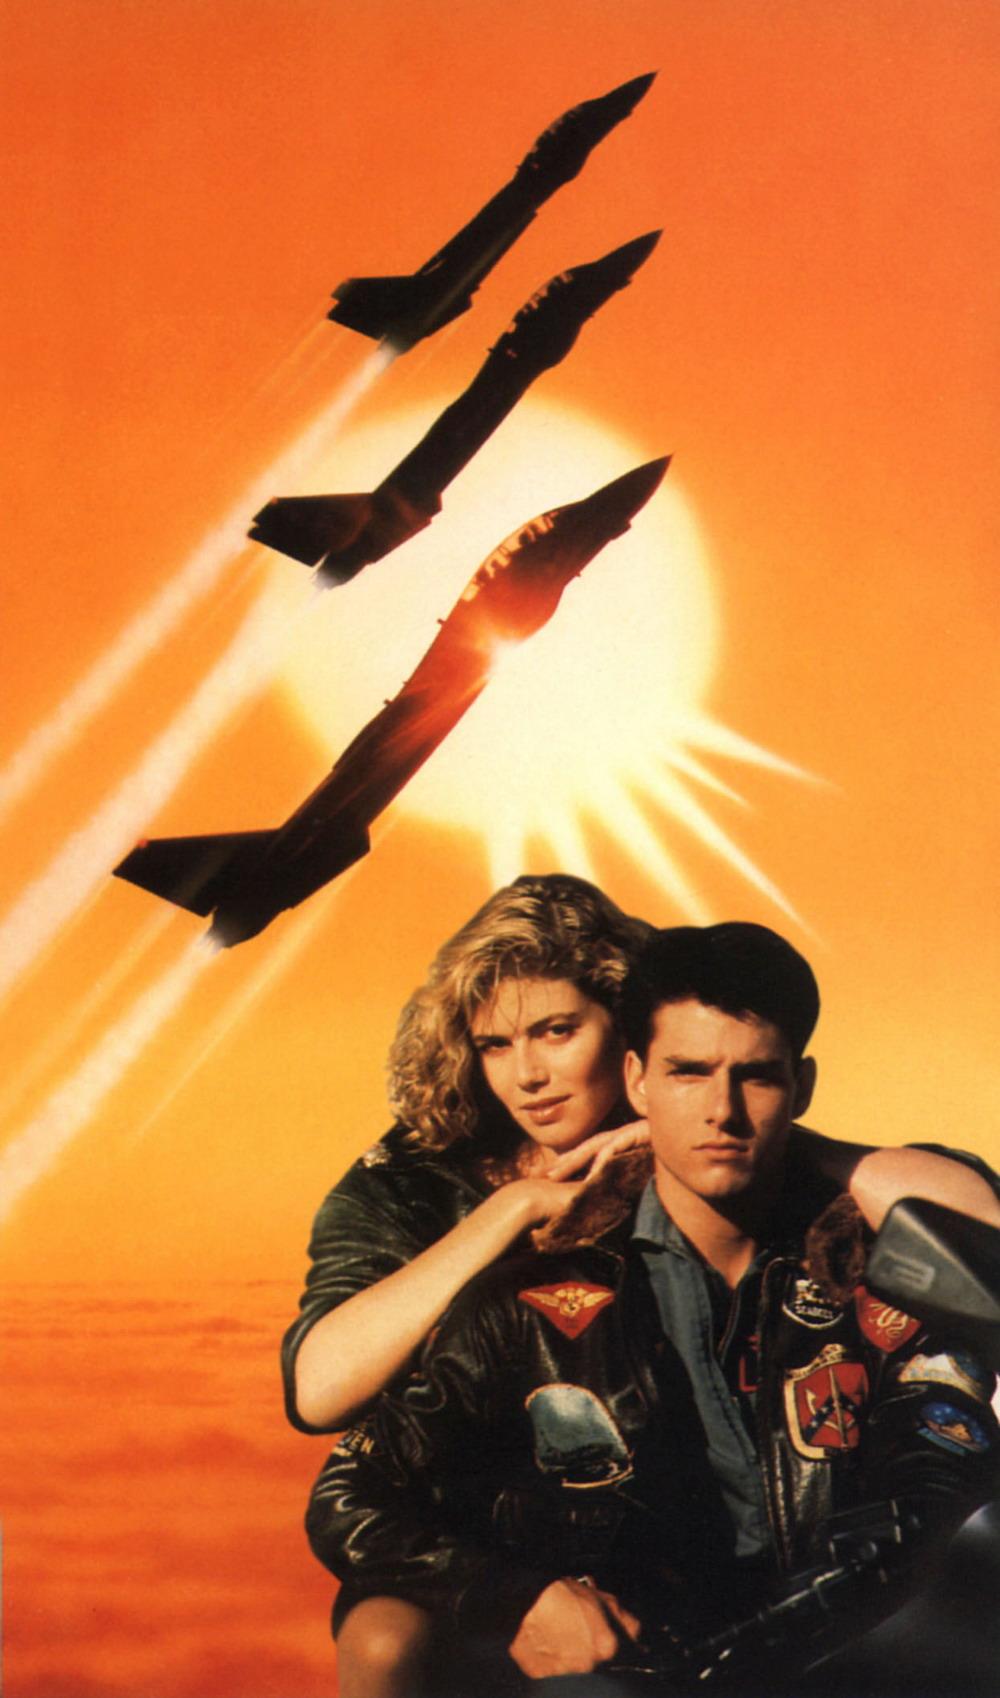 смотреть фильм онлайн 80-е